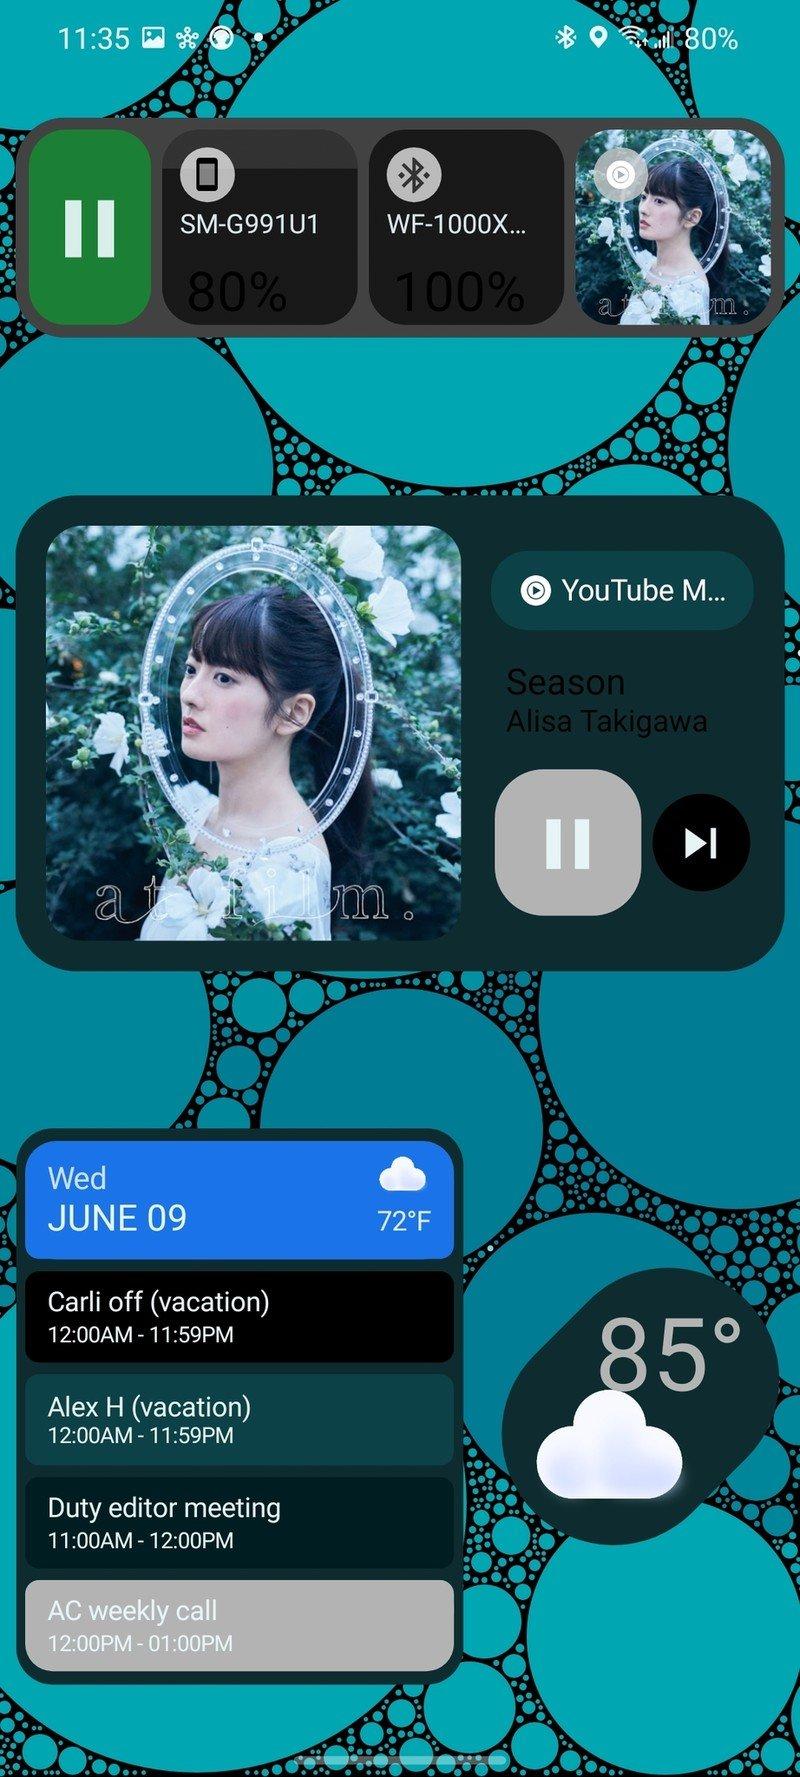 pastel-widgets-turquiose-bad-contrast.jp